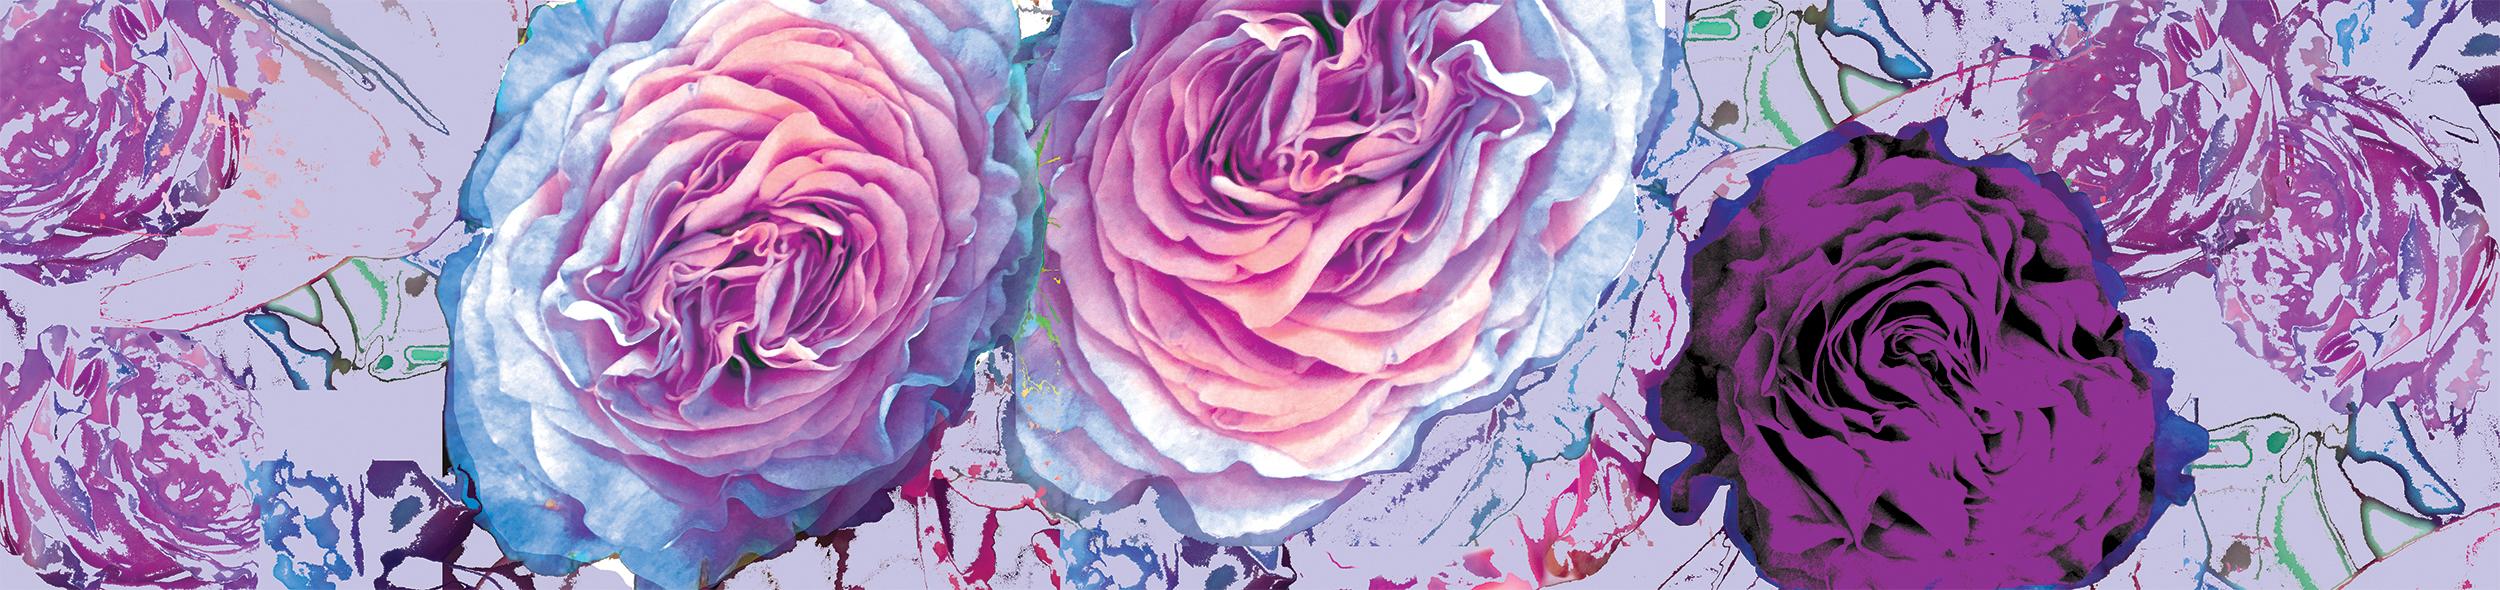 Cacophony of Roses.Website Banner.jpg